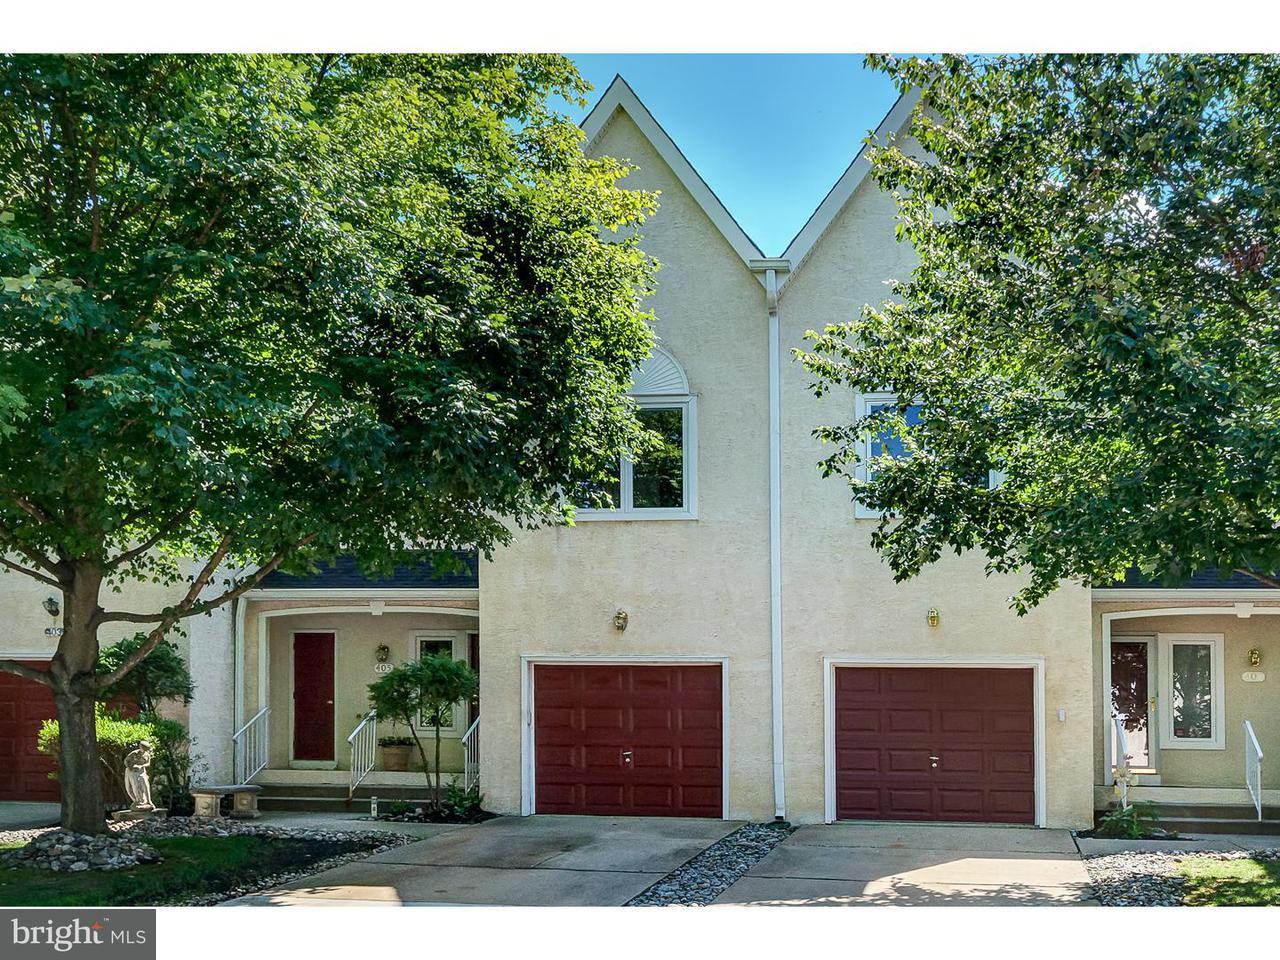 联栋屋 为 出租 在 405 CENTURA Cherry Hill, 新泽西州 08003 美国